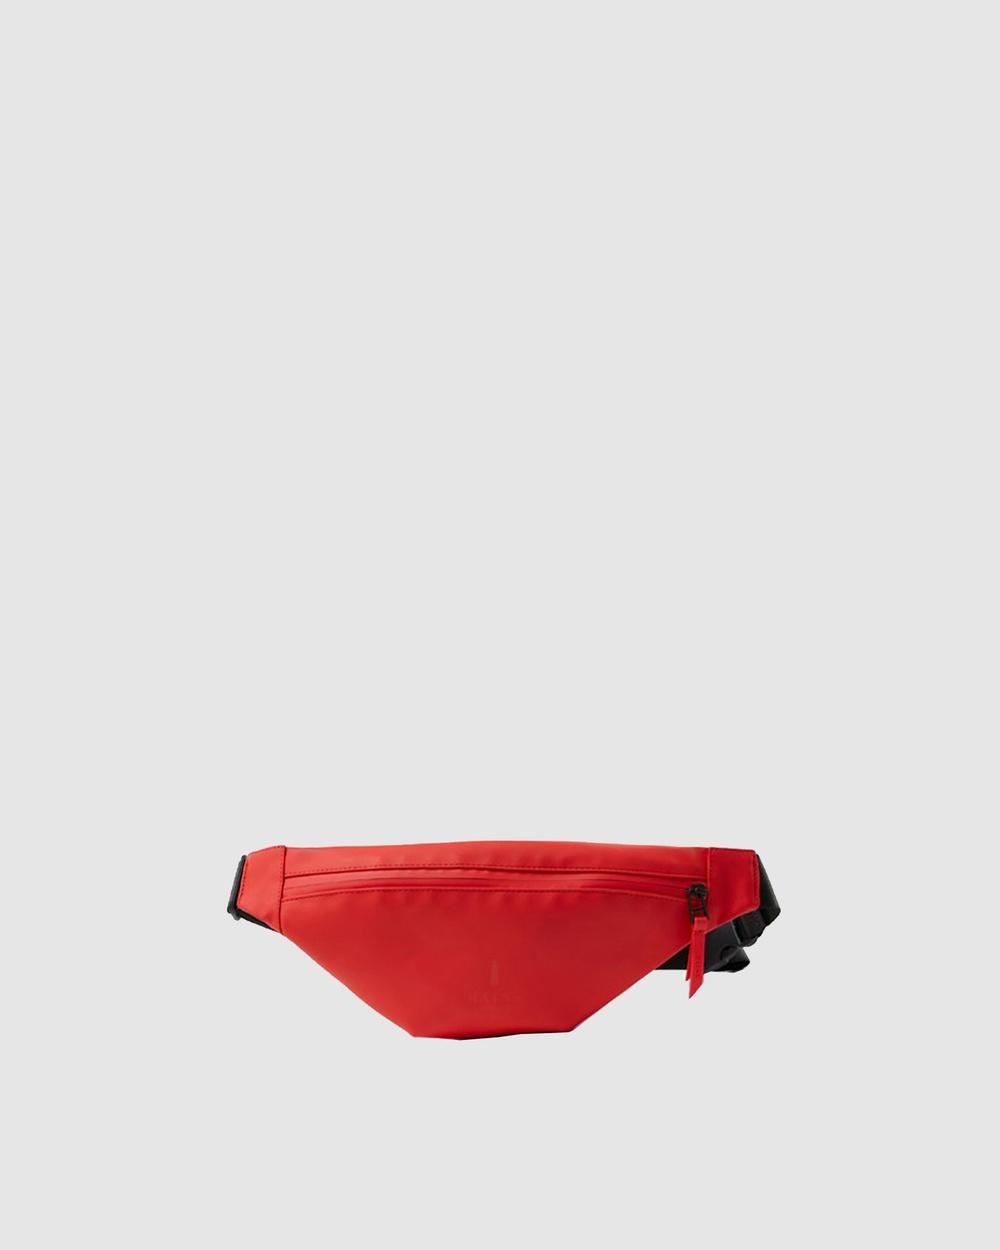 RAINS Bum Bag Mini Bags Red